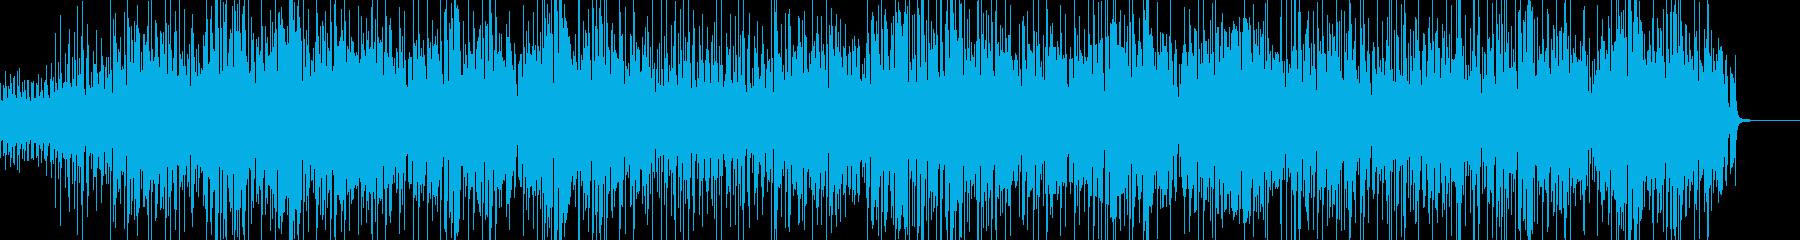 バンドサウンドの洋楽風ポップ・ラブソングの再生済みの波形